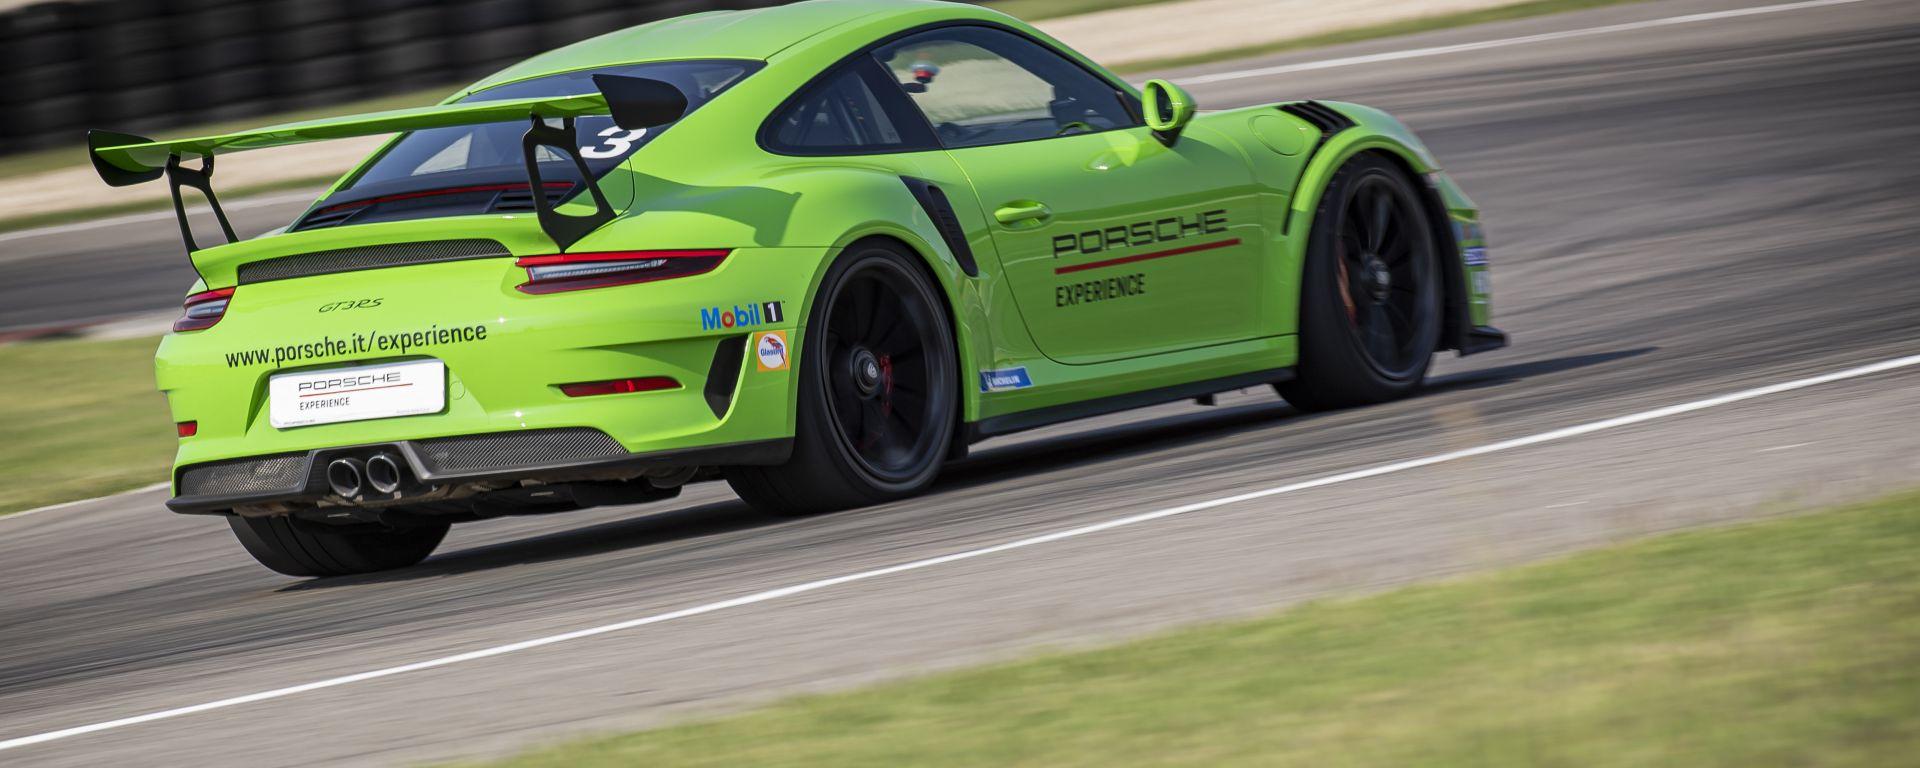 La Porsche GT3 RS: 520 CV e 312 all'ora di velocità massima